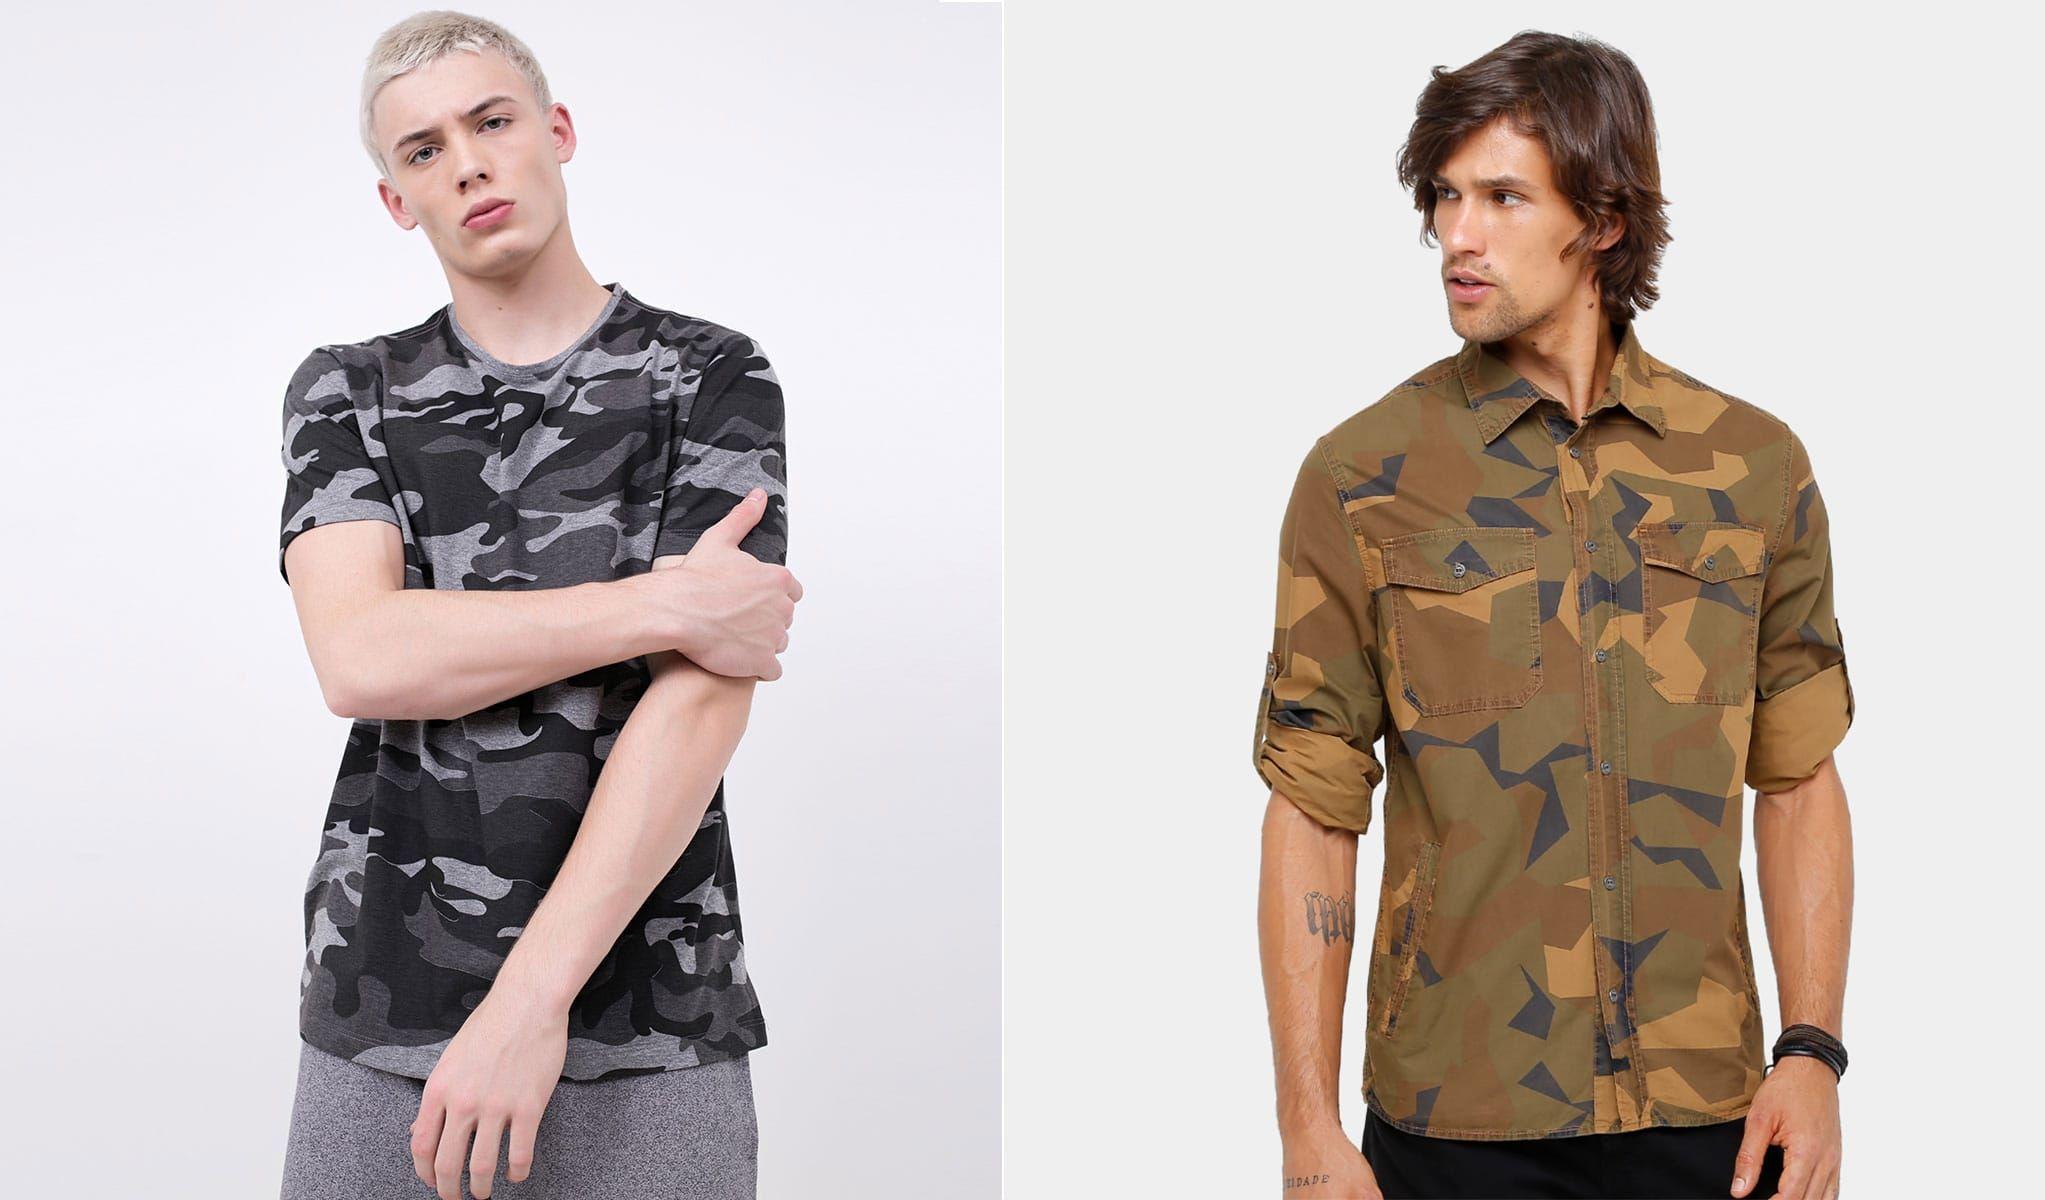 e493841f80 onde comprar estampa camuflada masculina ou estampa militar homens que se  cuidam por juan alves capa